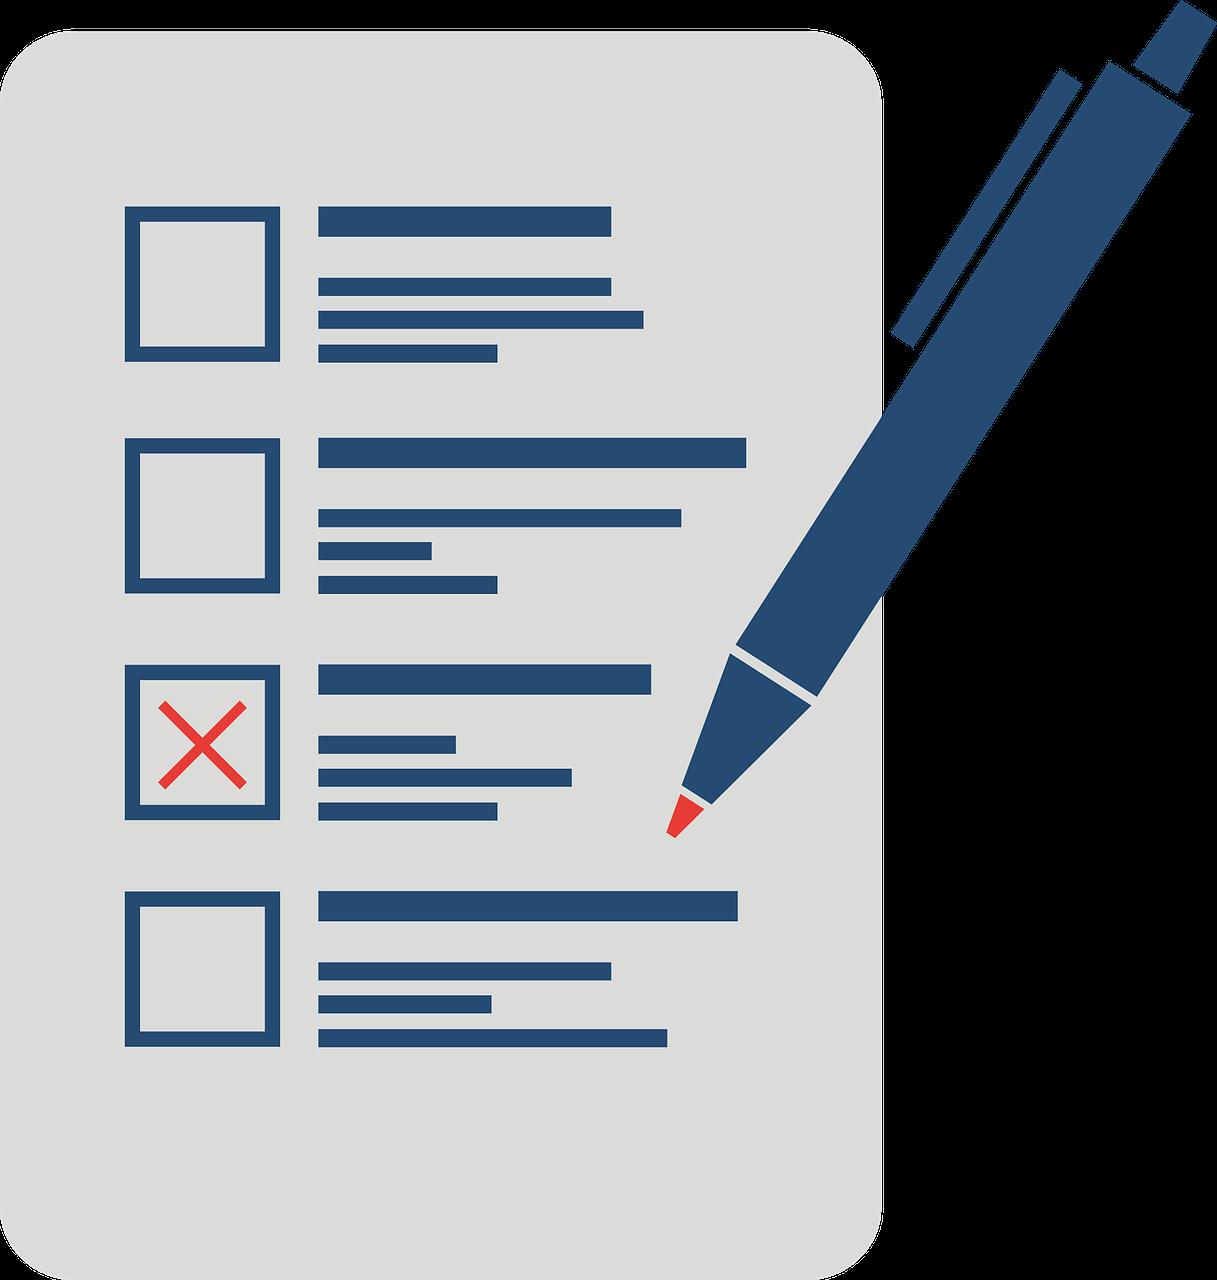 wybory prezydenckie - pakiet wyborczy